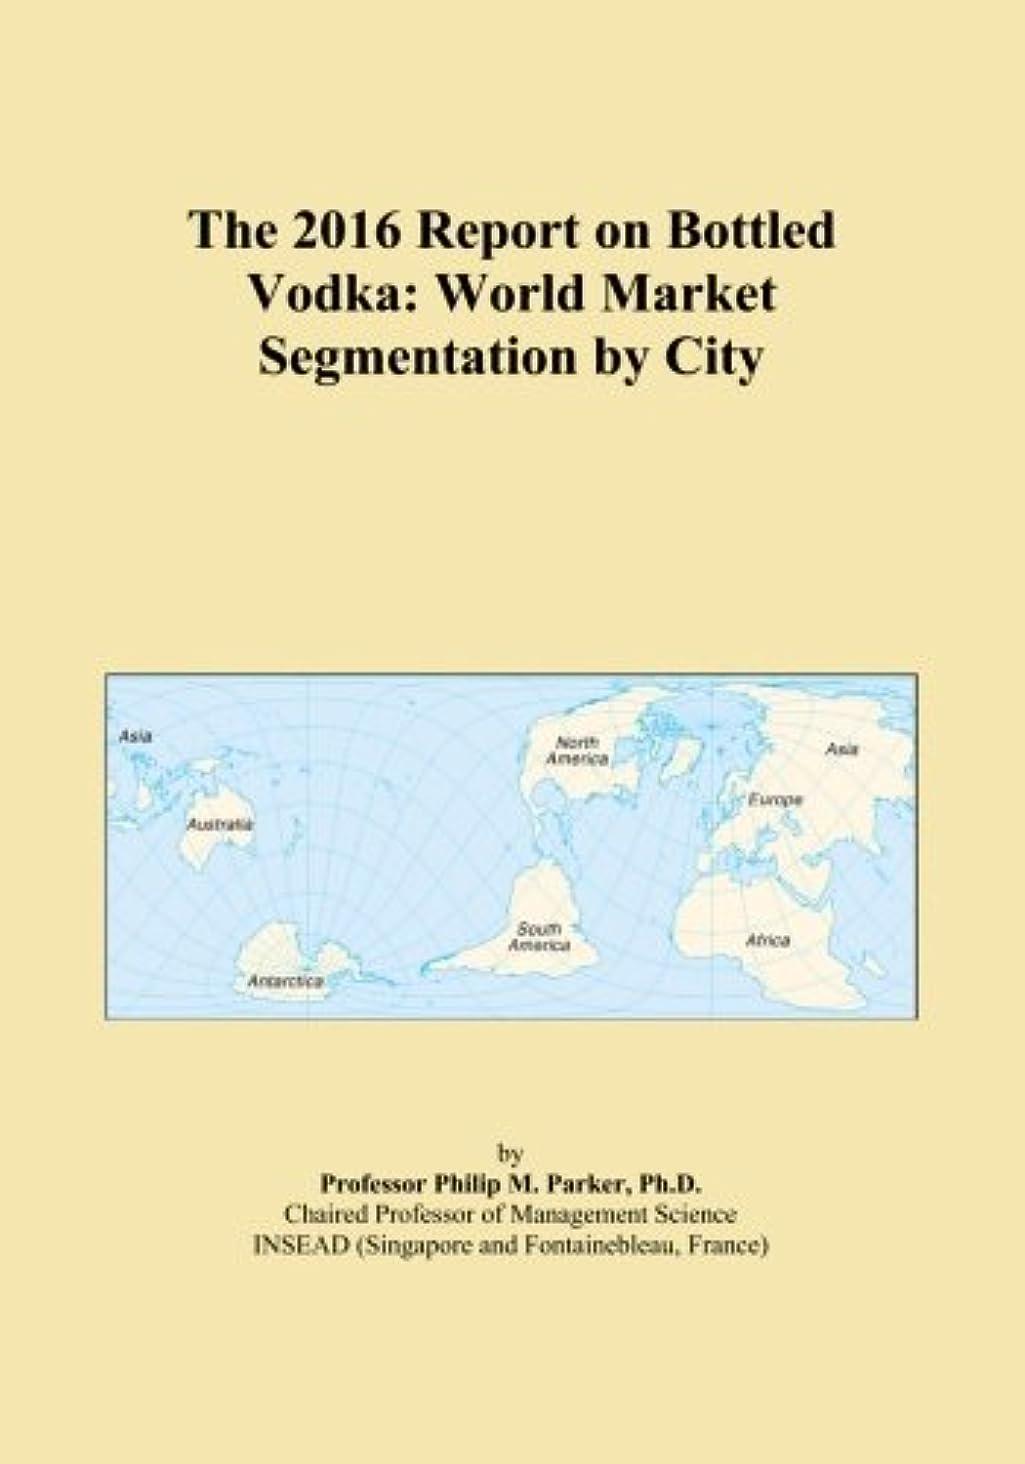 服を片付ける海洋の吸い込むThe 2016 Report on Bottled Vodka: World Market Segmentation by City